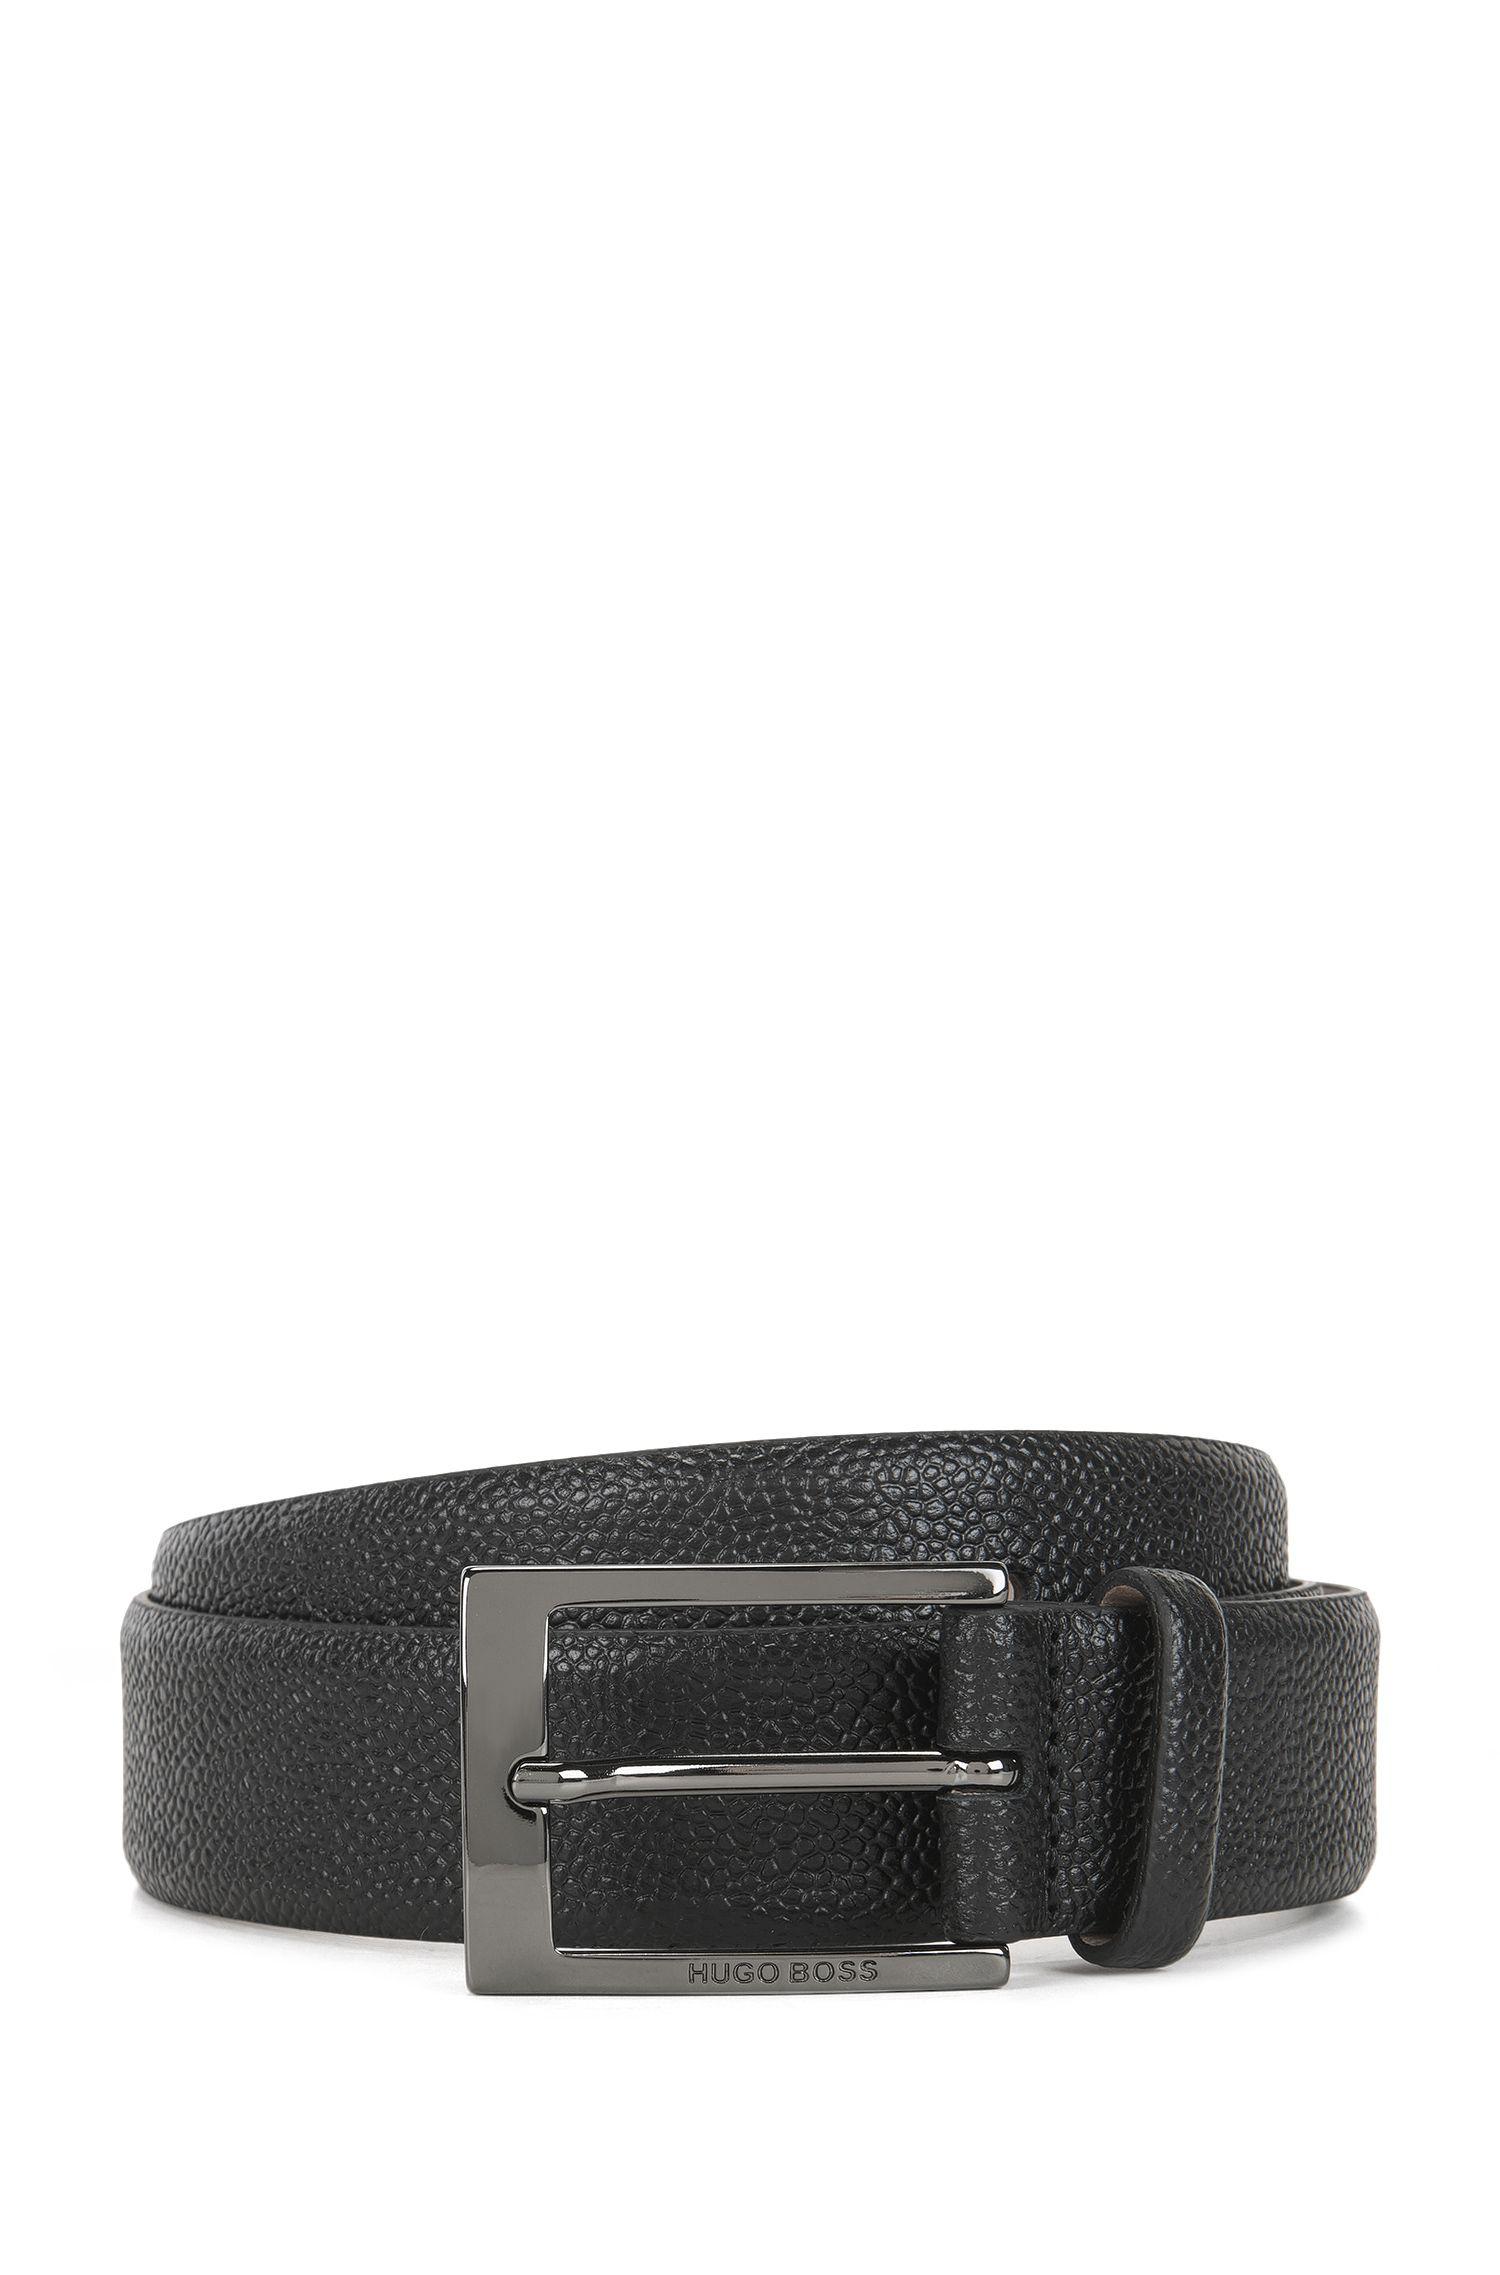 Cinturón de piel con estampado granulado y forro interior de nobuk